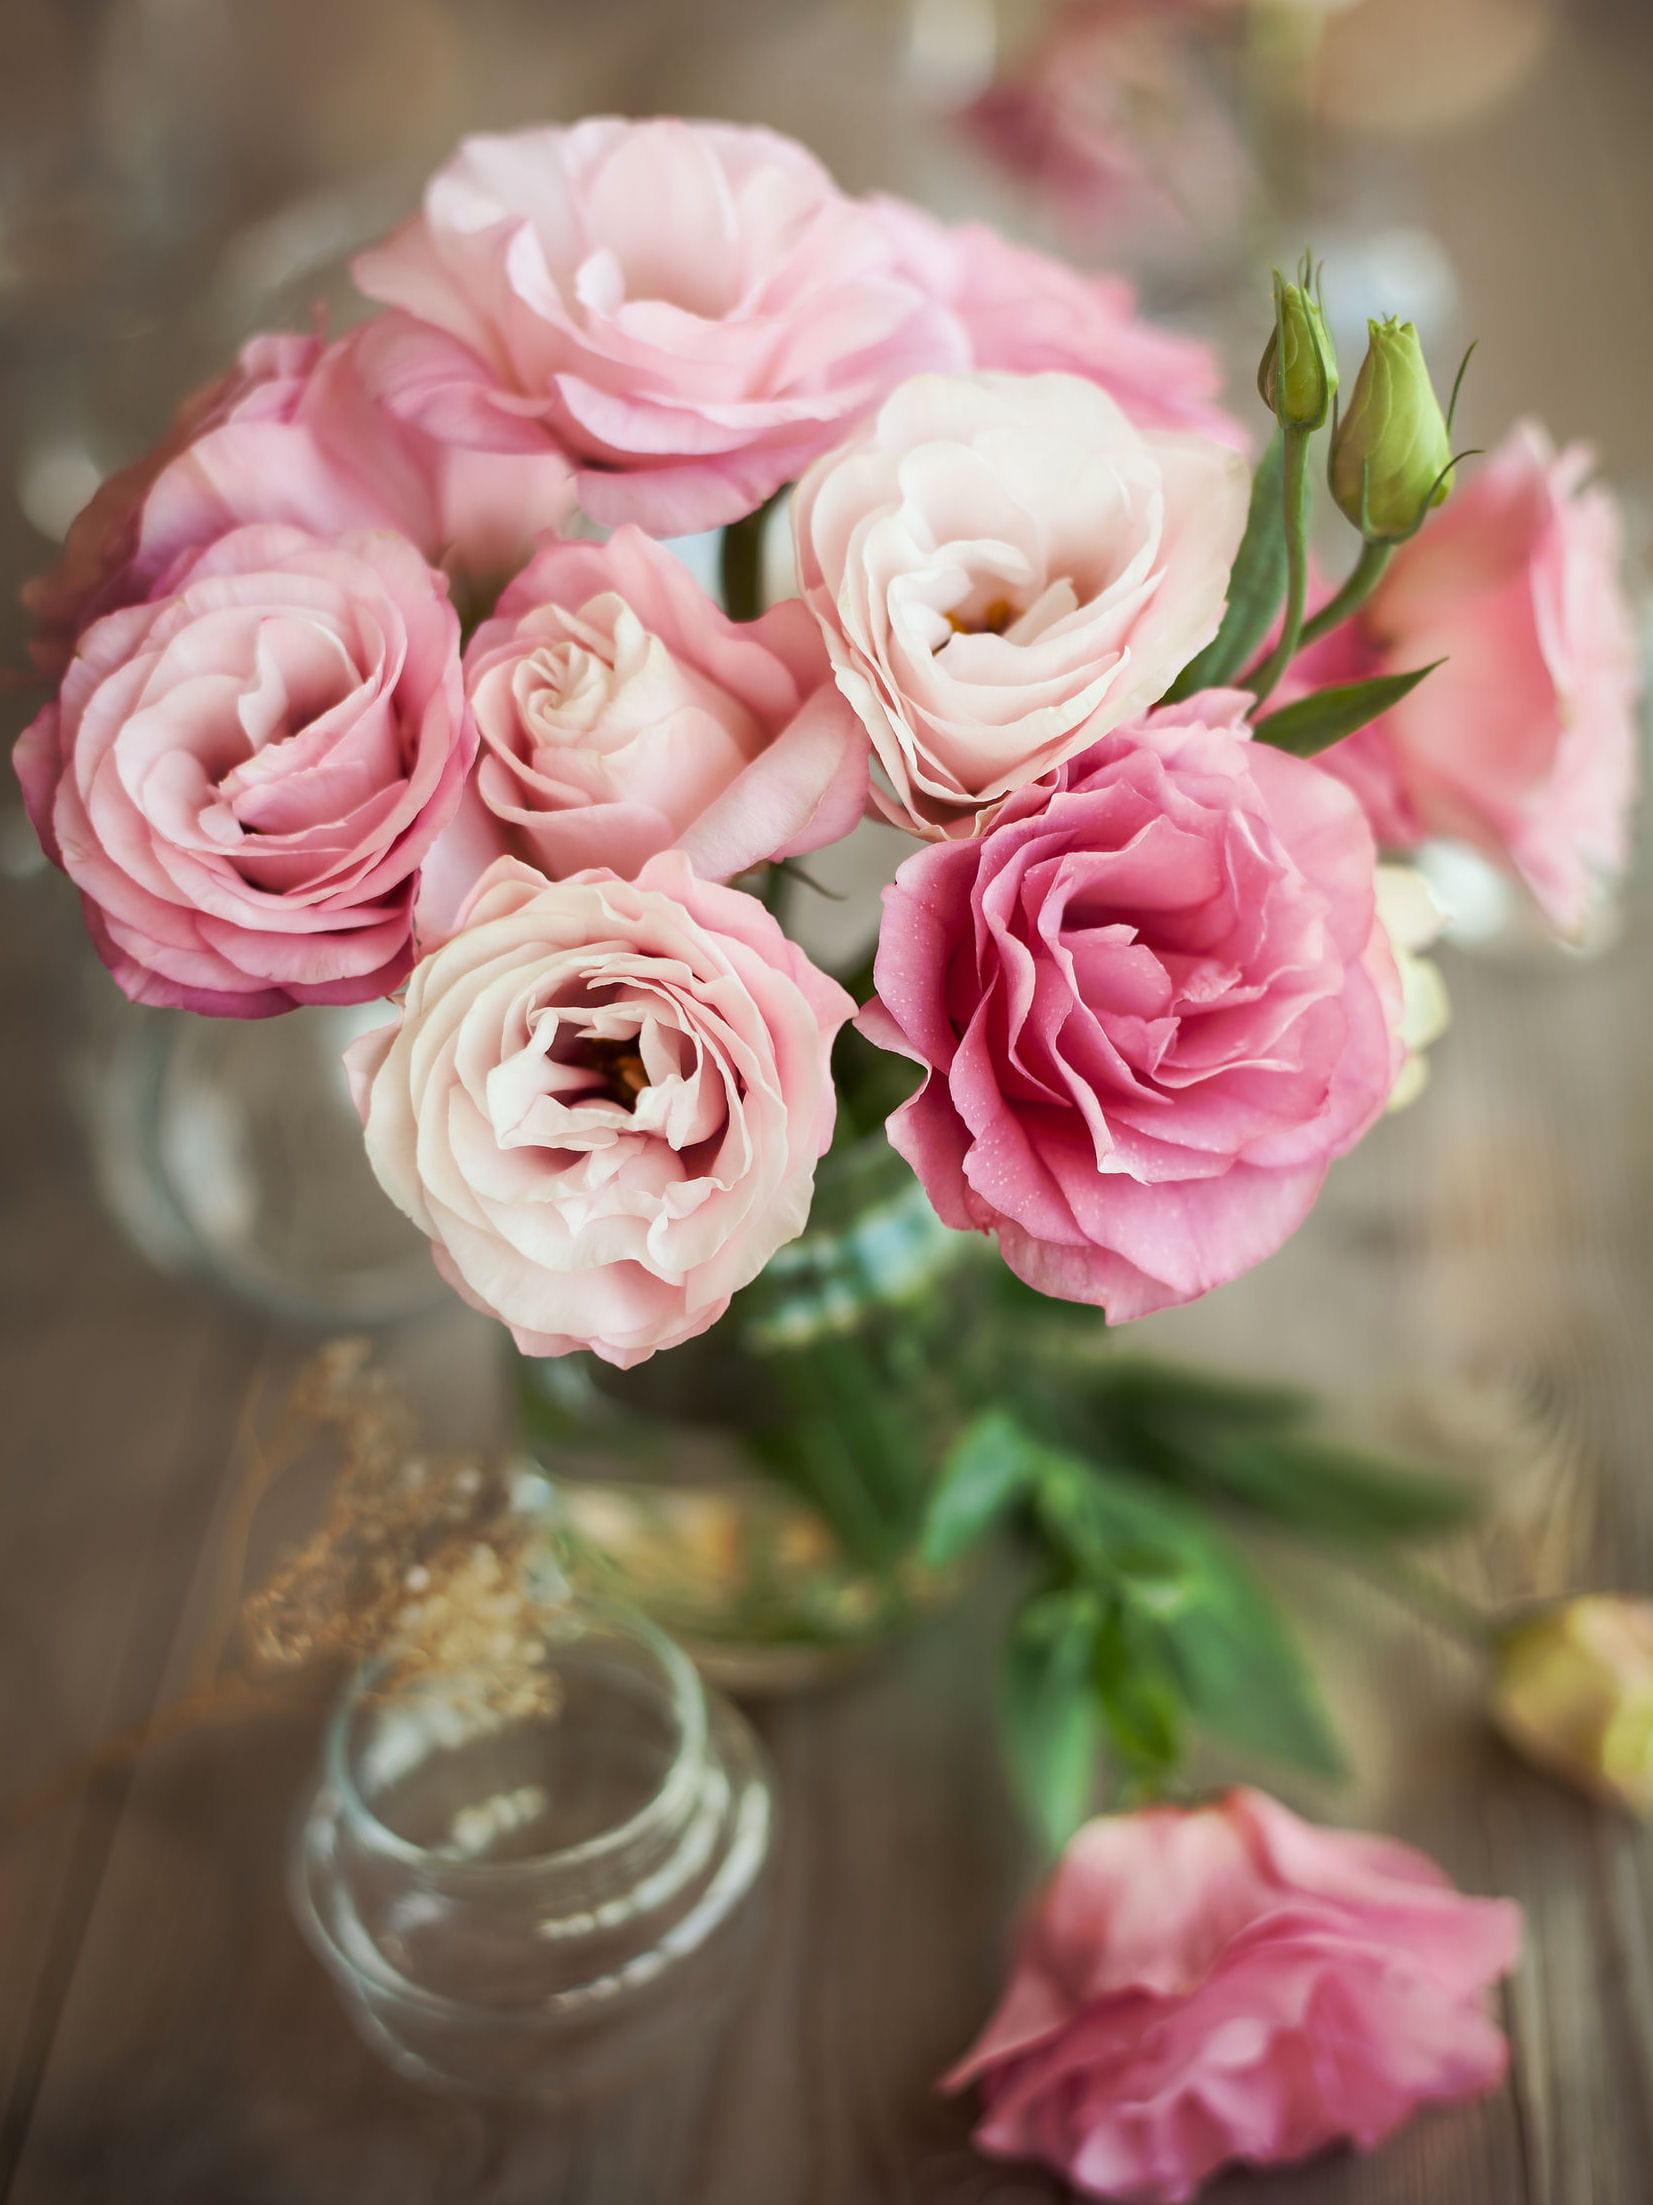 Comment Conserver Du Muguet En Vase conserver un bouquet de fleurs plus longtemps